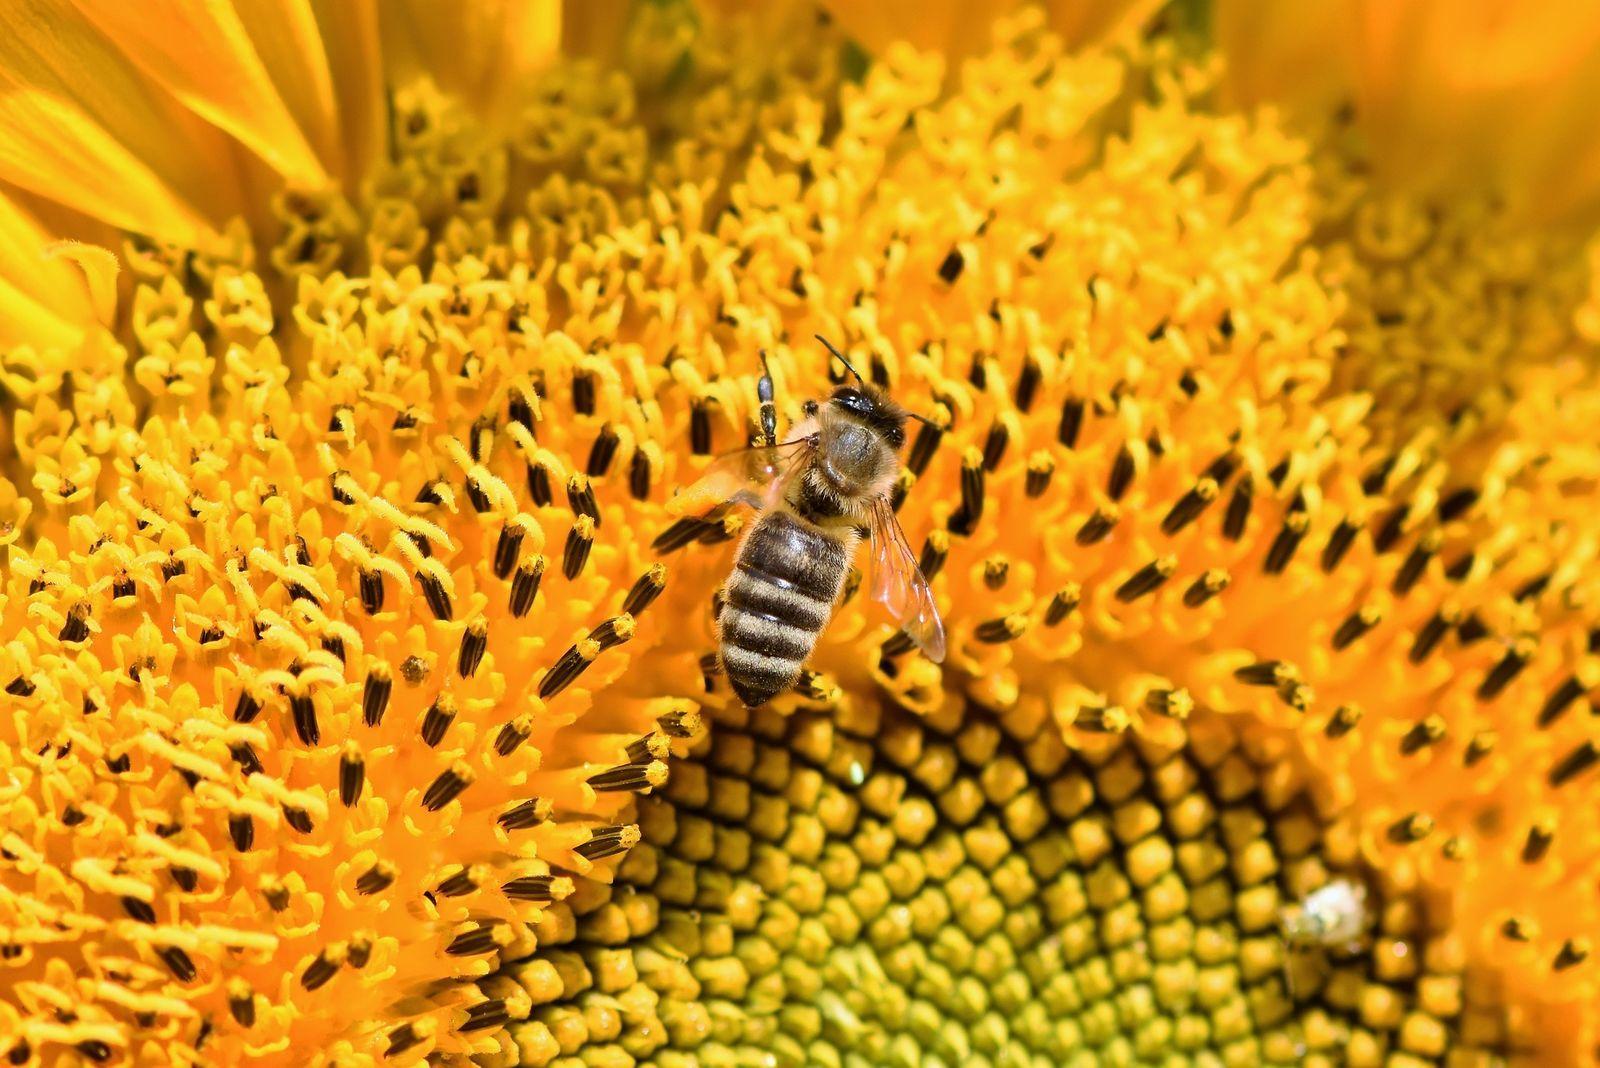 méhészeti termékek együttes kezelése)